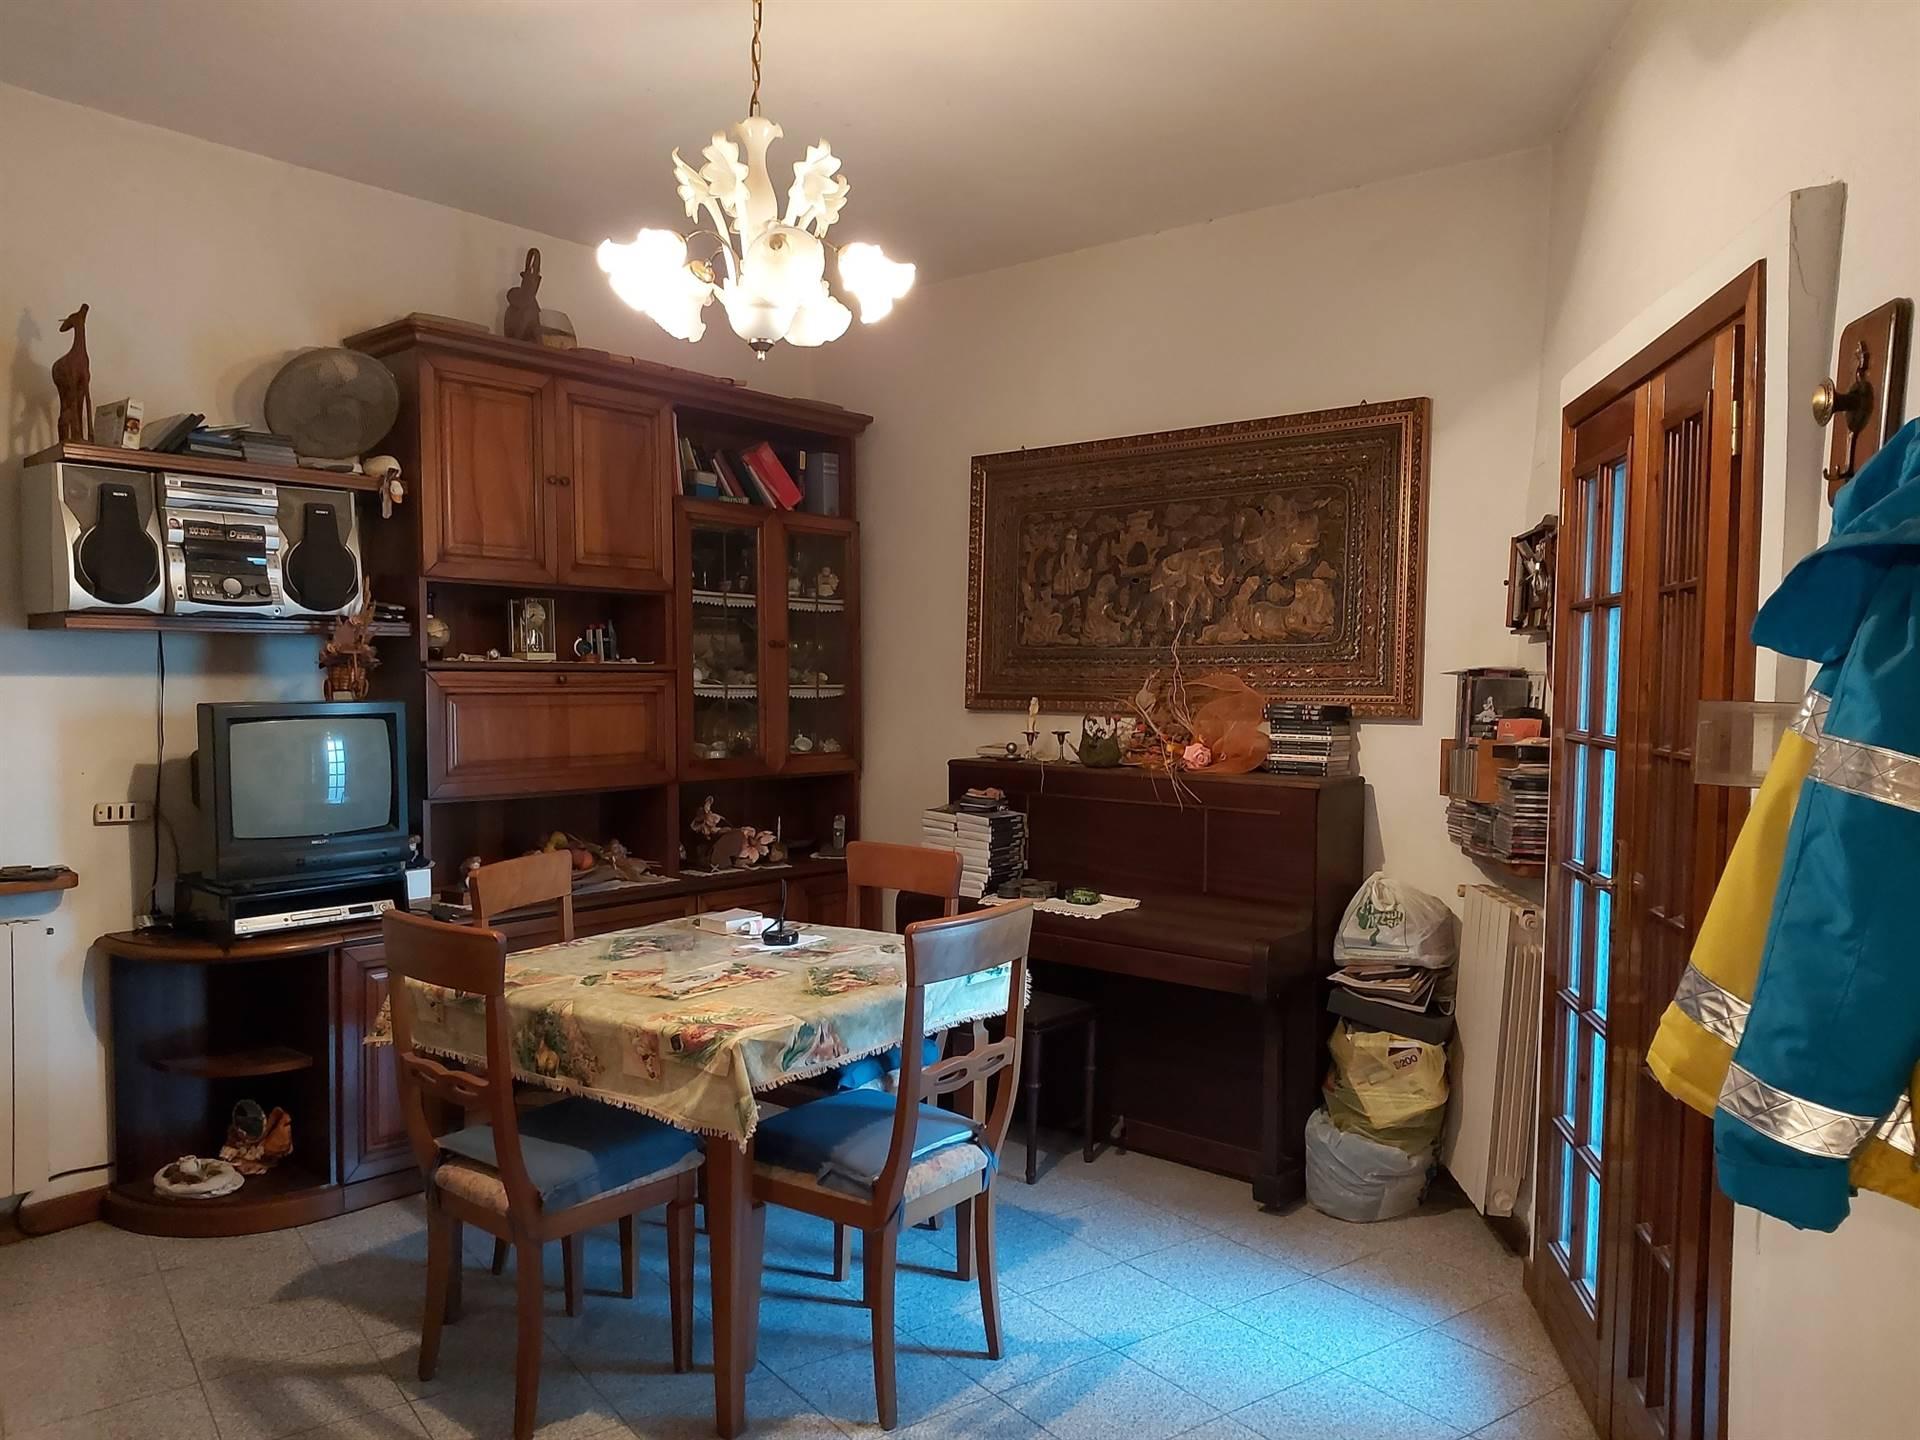 BONELLE, PISTOIA, Appartamento in vendita di 110 Mq, Abitabile, Riscaldamento Autonomo, Classe energetica: G, Epi: 131,85 kwh/m2 anno, posto al piano